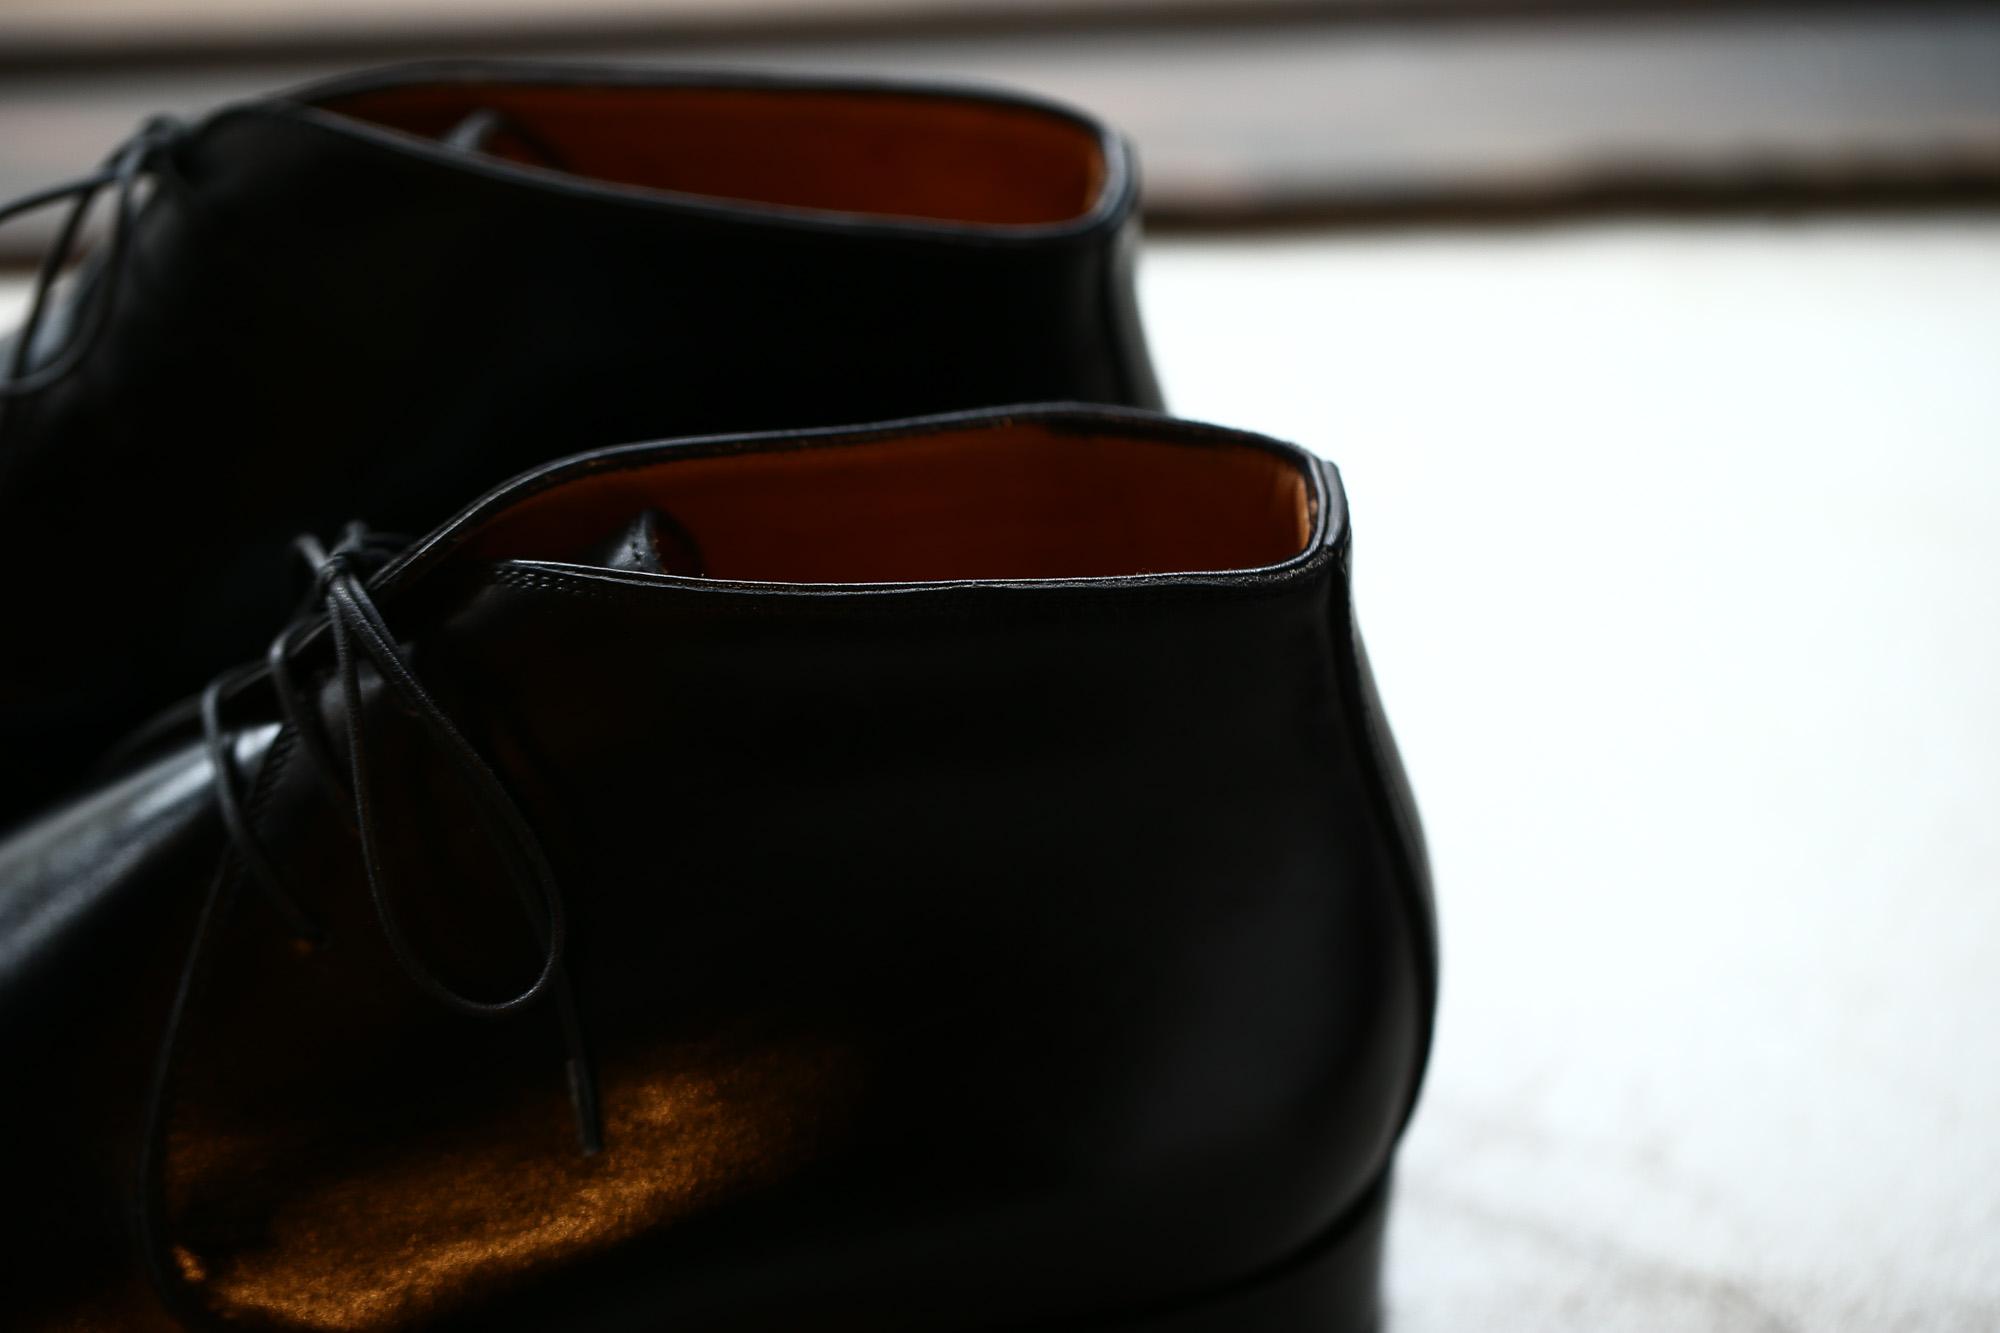 ENZO BONAFE(エンツォボナフェ) ART.3722 Chukka boots チャッカブーツ TEJUS テジュー リザードレザー ノルベジェーゼ製法 コードバンブーツ BLACK(ブラック) made in italy (イタリア製) 2018 秋冬 enzobonafe ボナフェ ブーツ チャッカ 愛知 名古屋 Alto e Diritto アルト エ デリット ドカゲ リザード